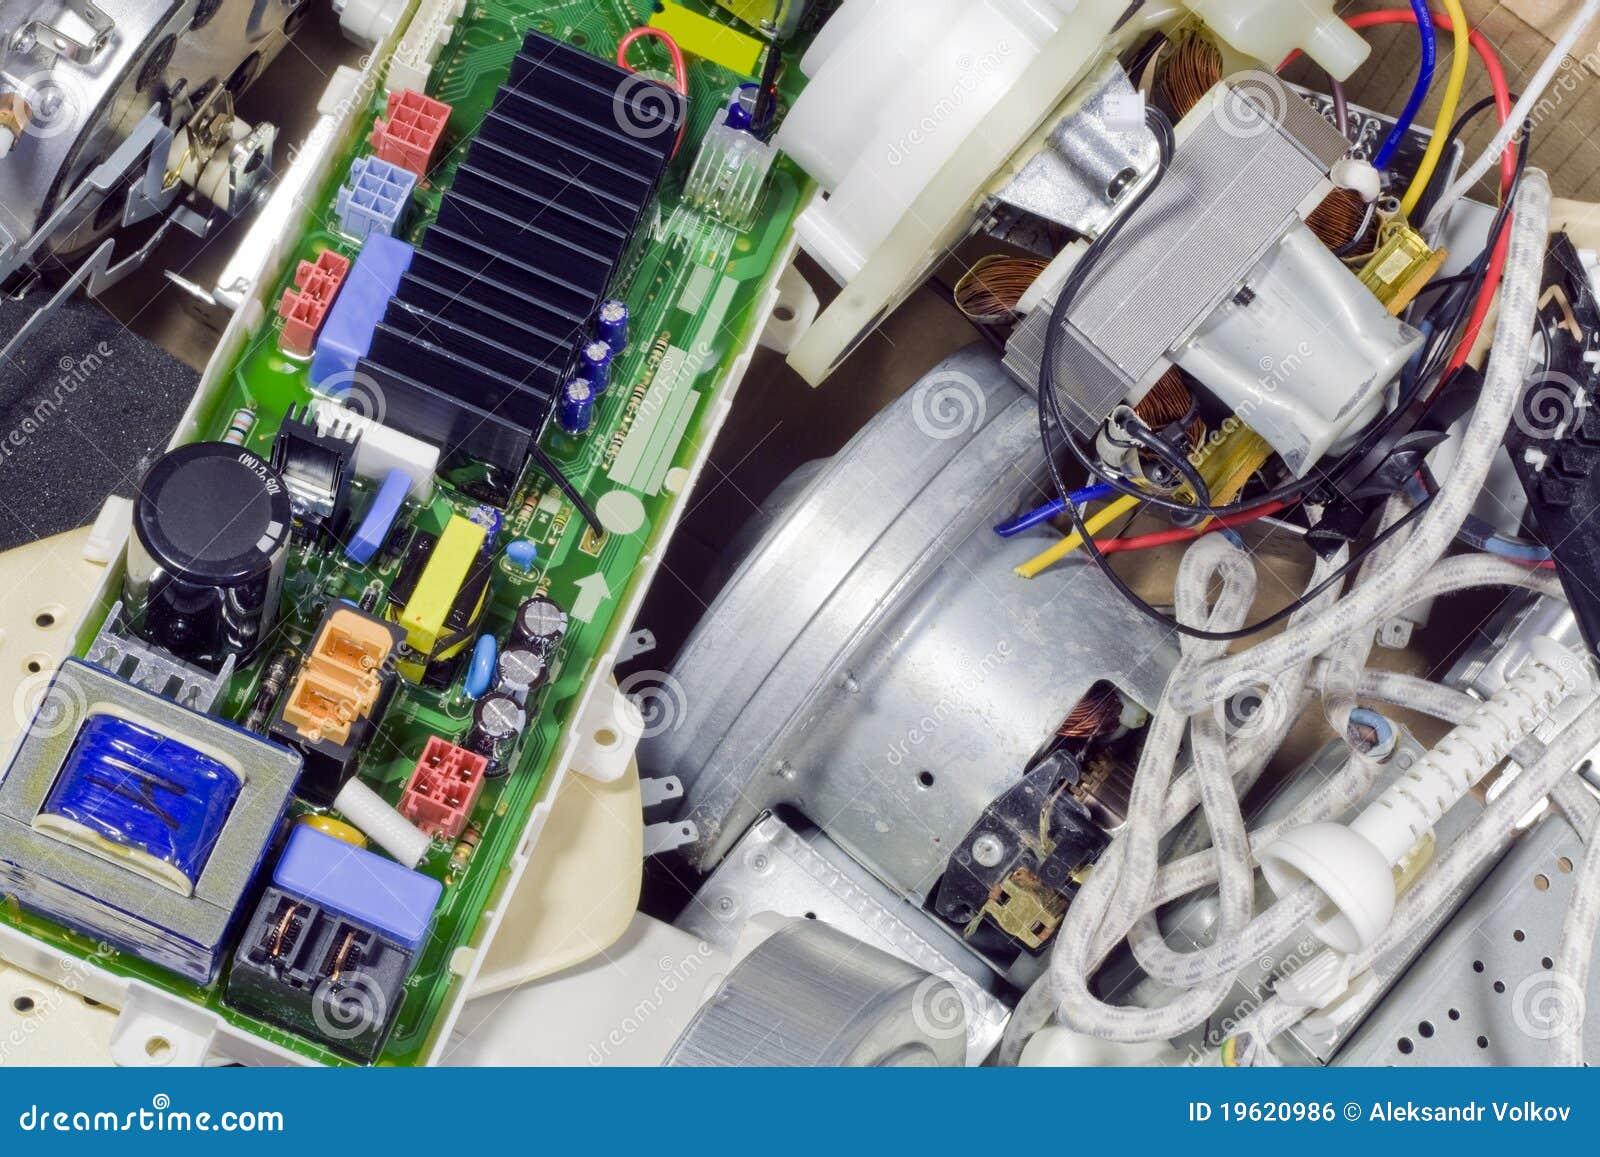 Electr nica quebrada en vaciado de basura imagen de - Electronica del hogar ...